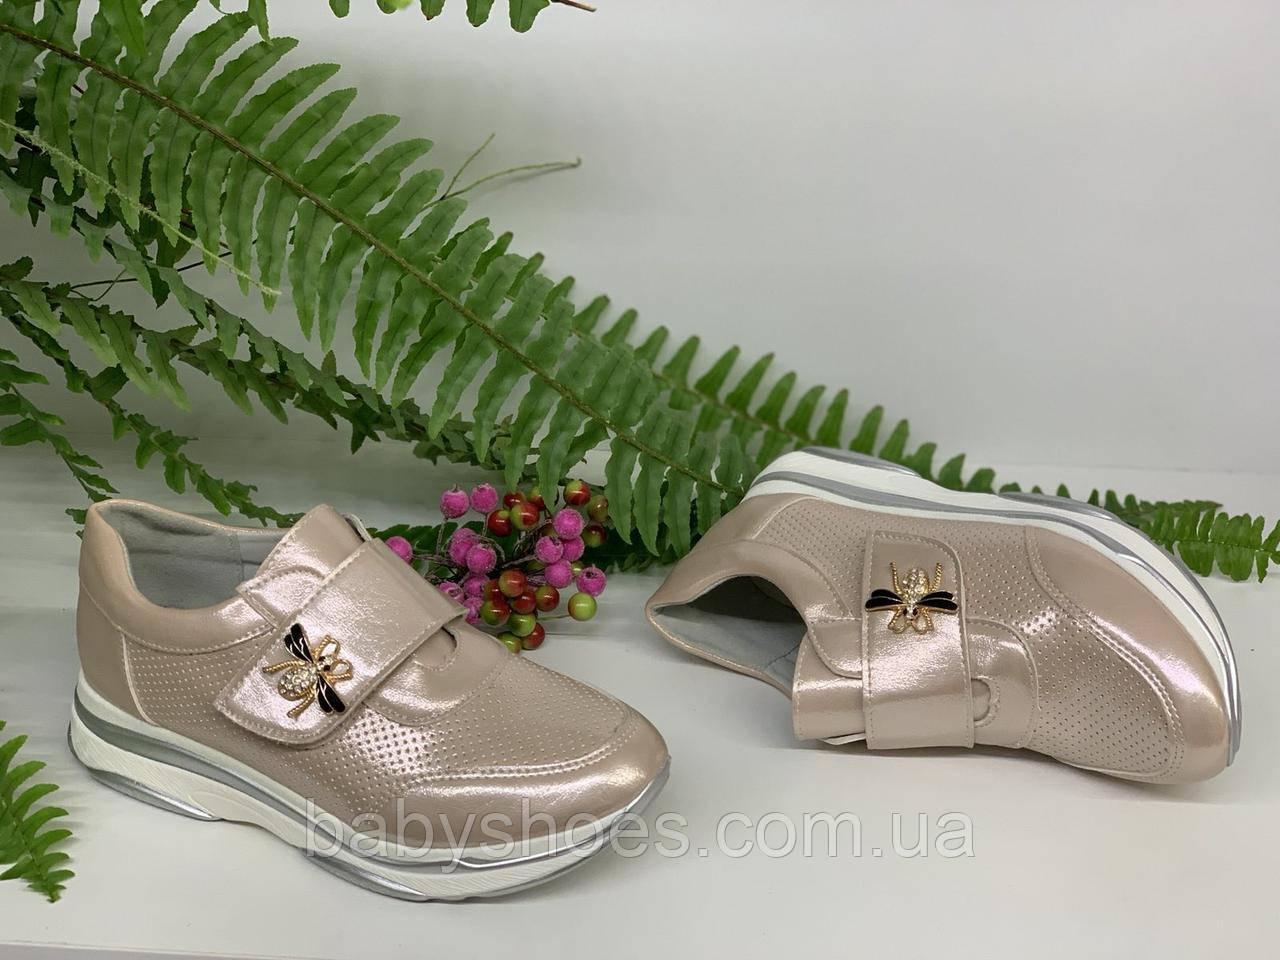 Кроссовки для девочки Bessky р.34  КД-329